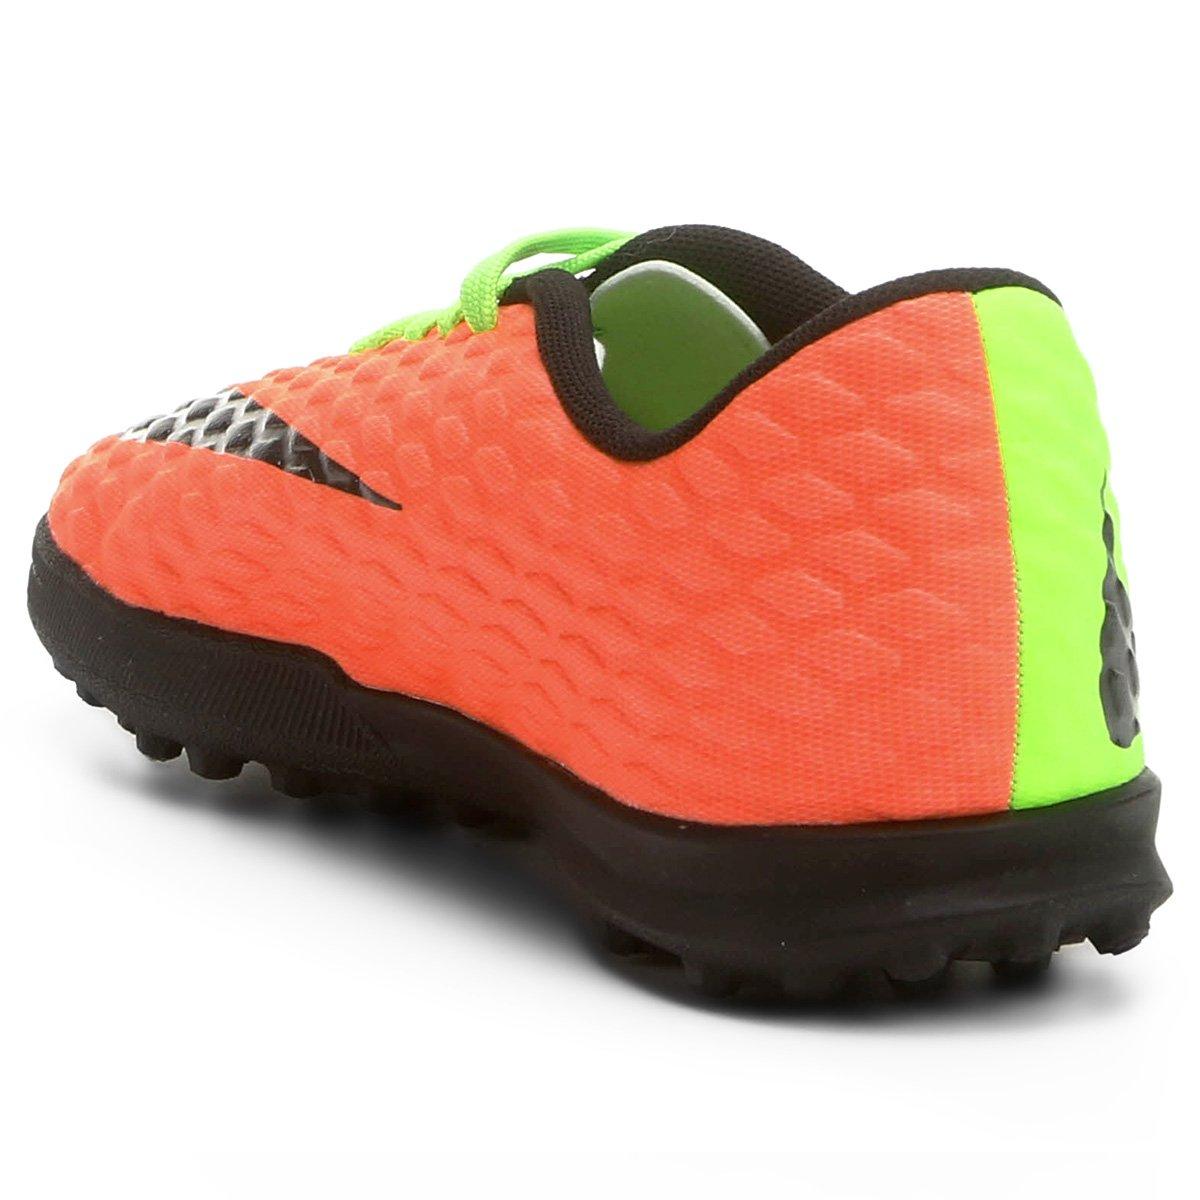 cb17a7b1f9 Chuteira Society Infantil Nike Hypervenom Phade 3 TF - Compre Agora ...